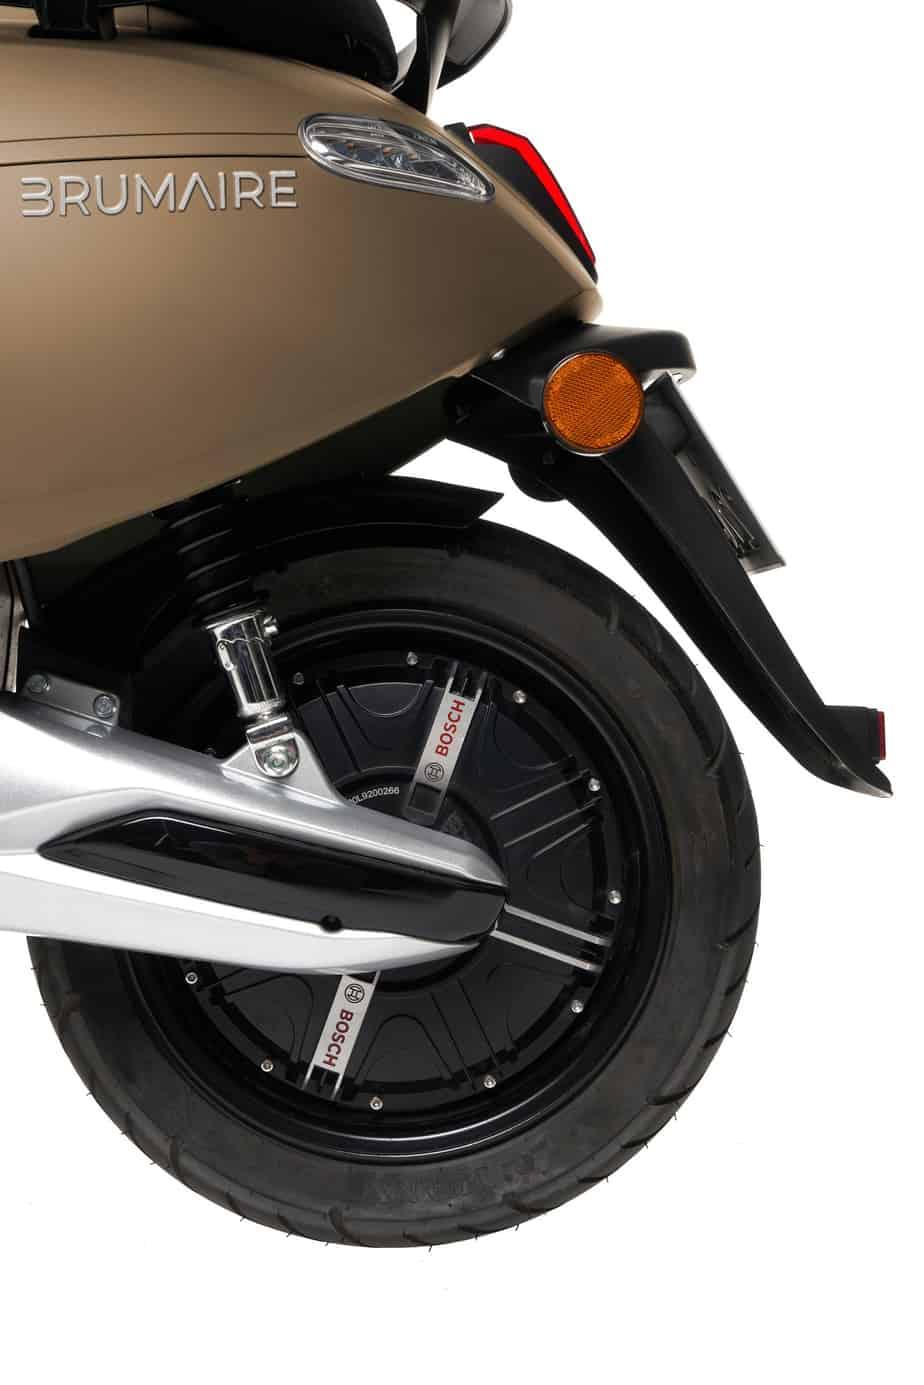 arrière train du scooter brumair